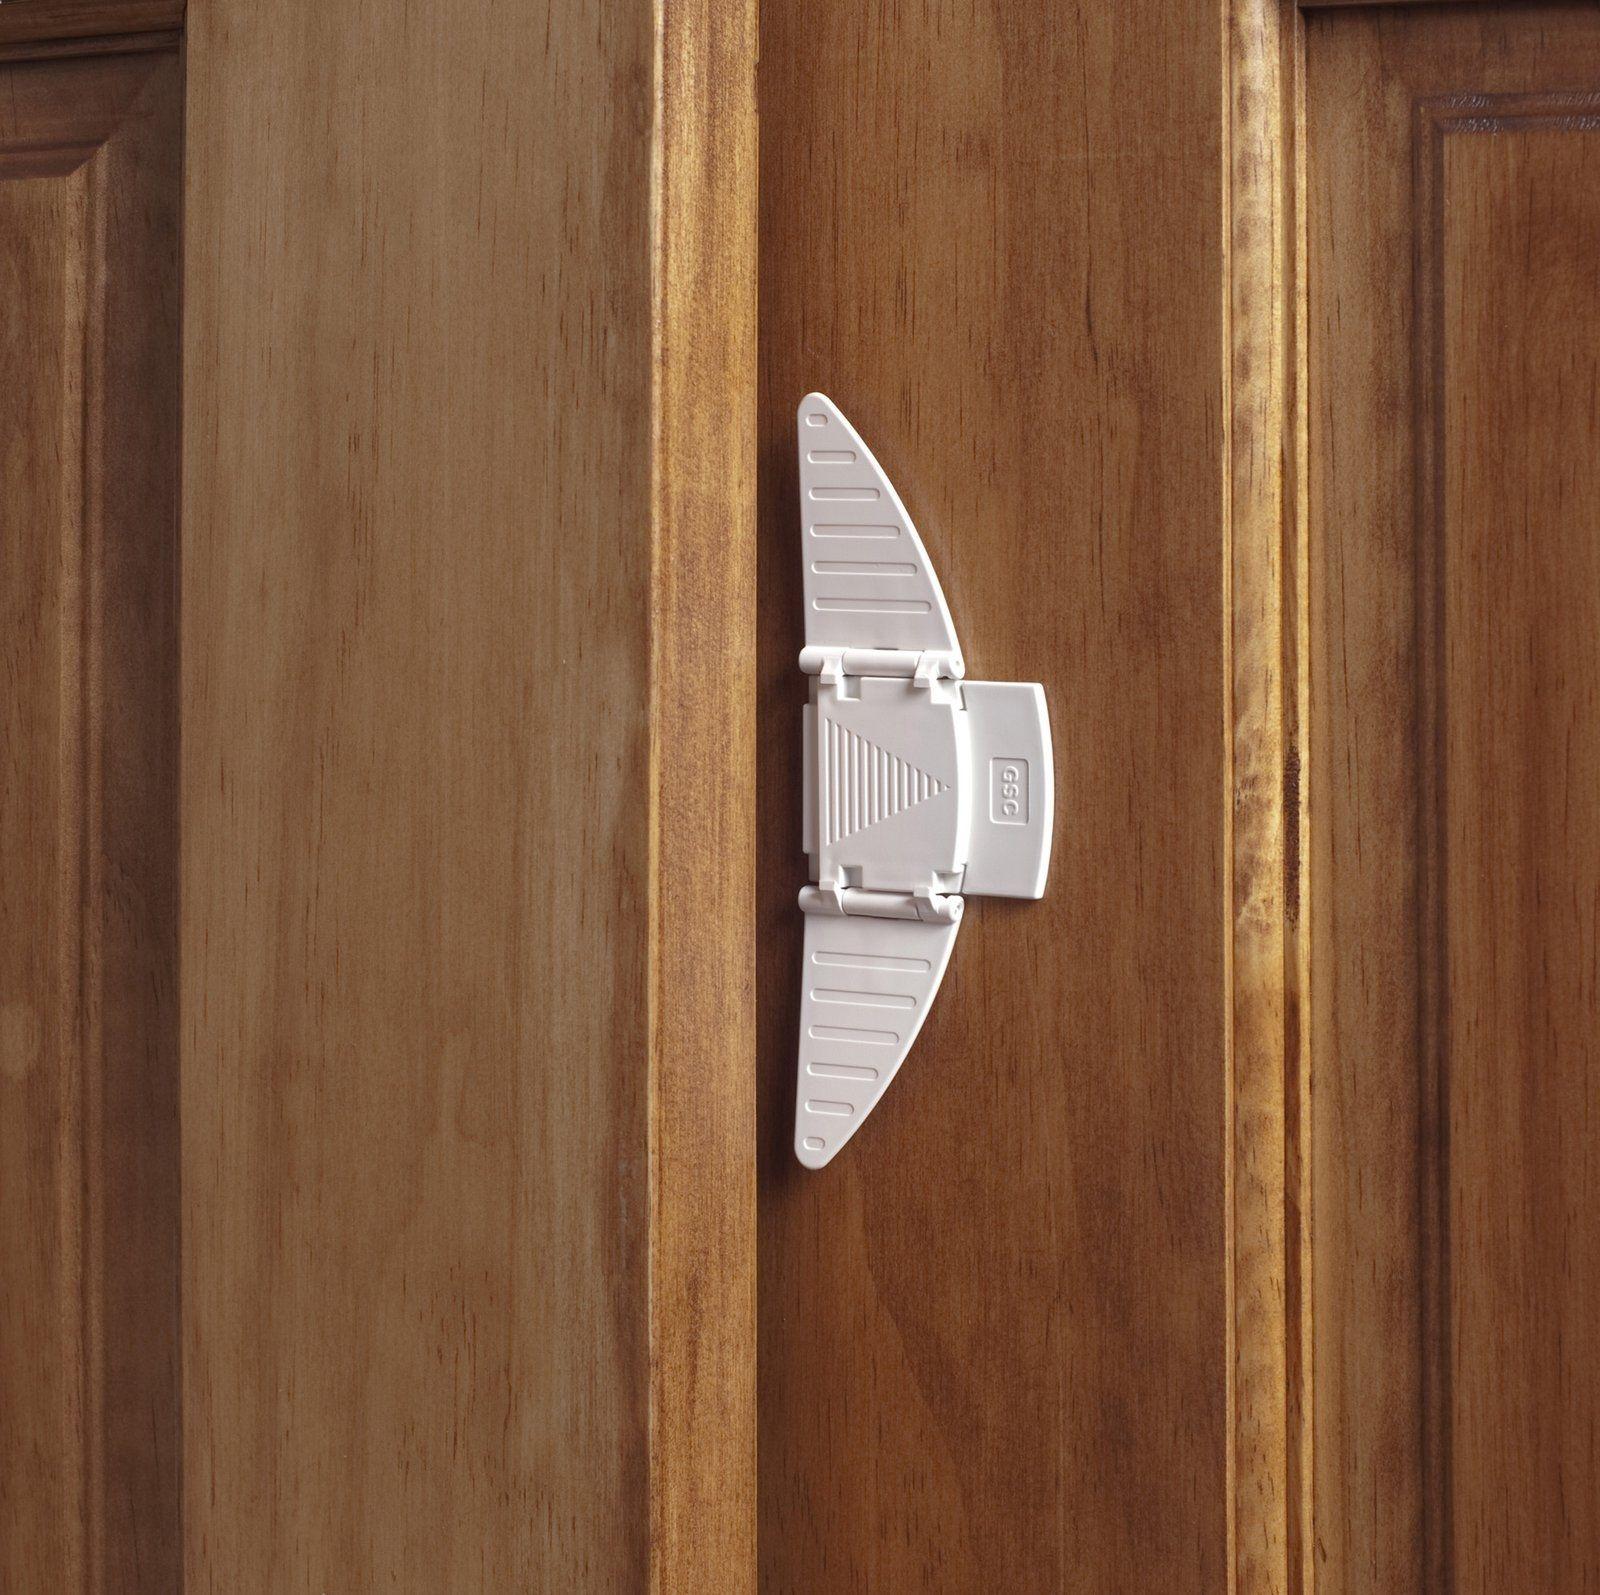 Closet Sliding Door Locks Child Proof Httpsourceabl